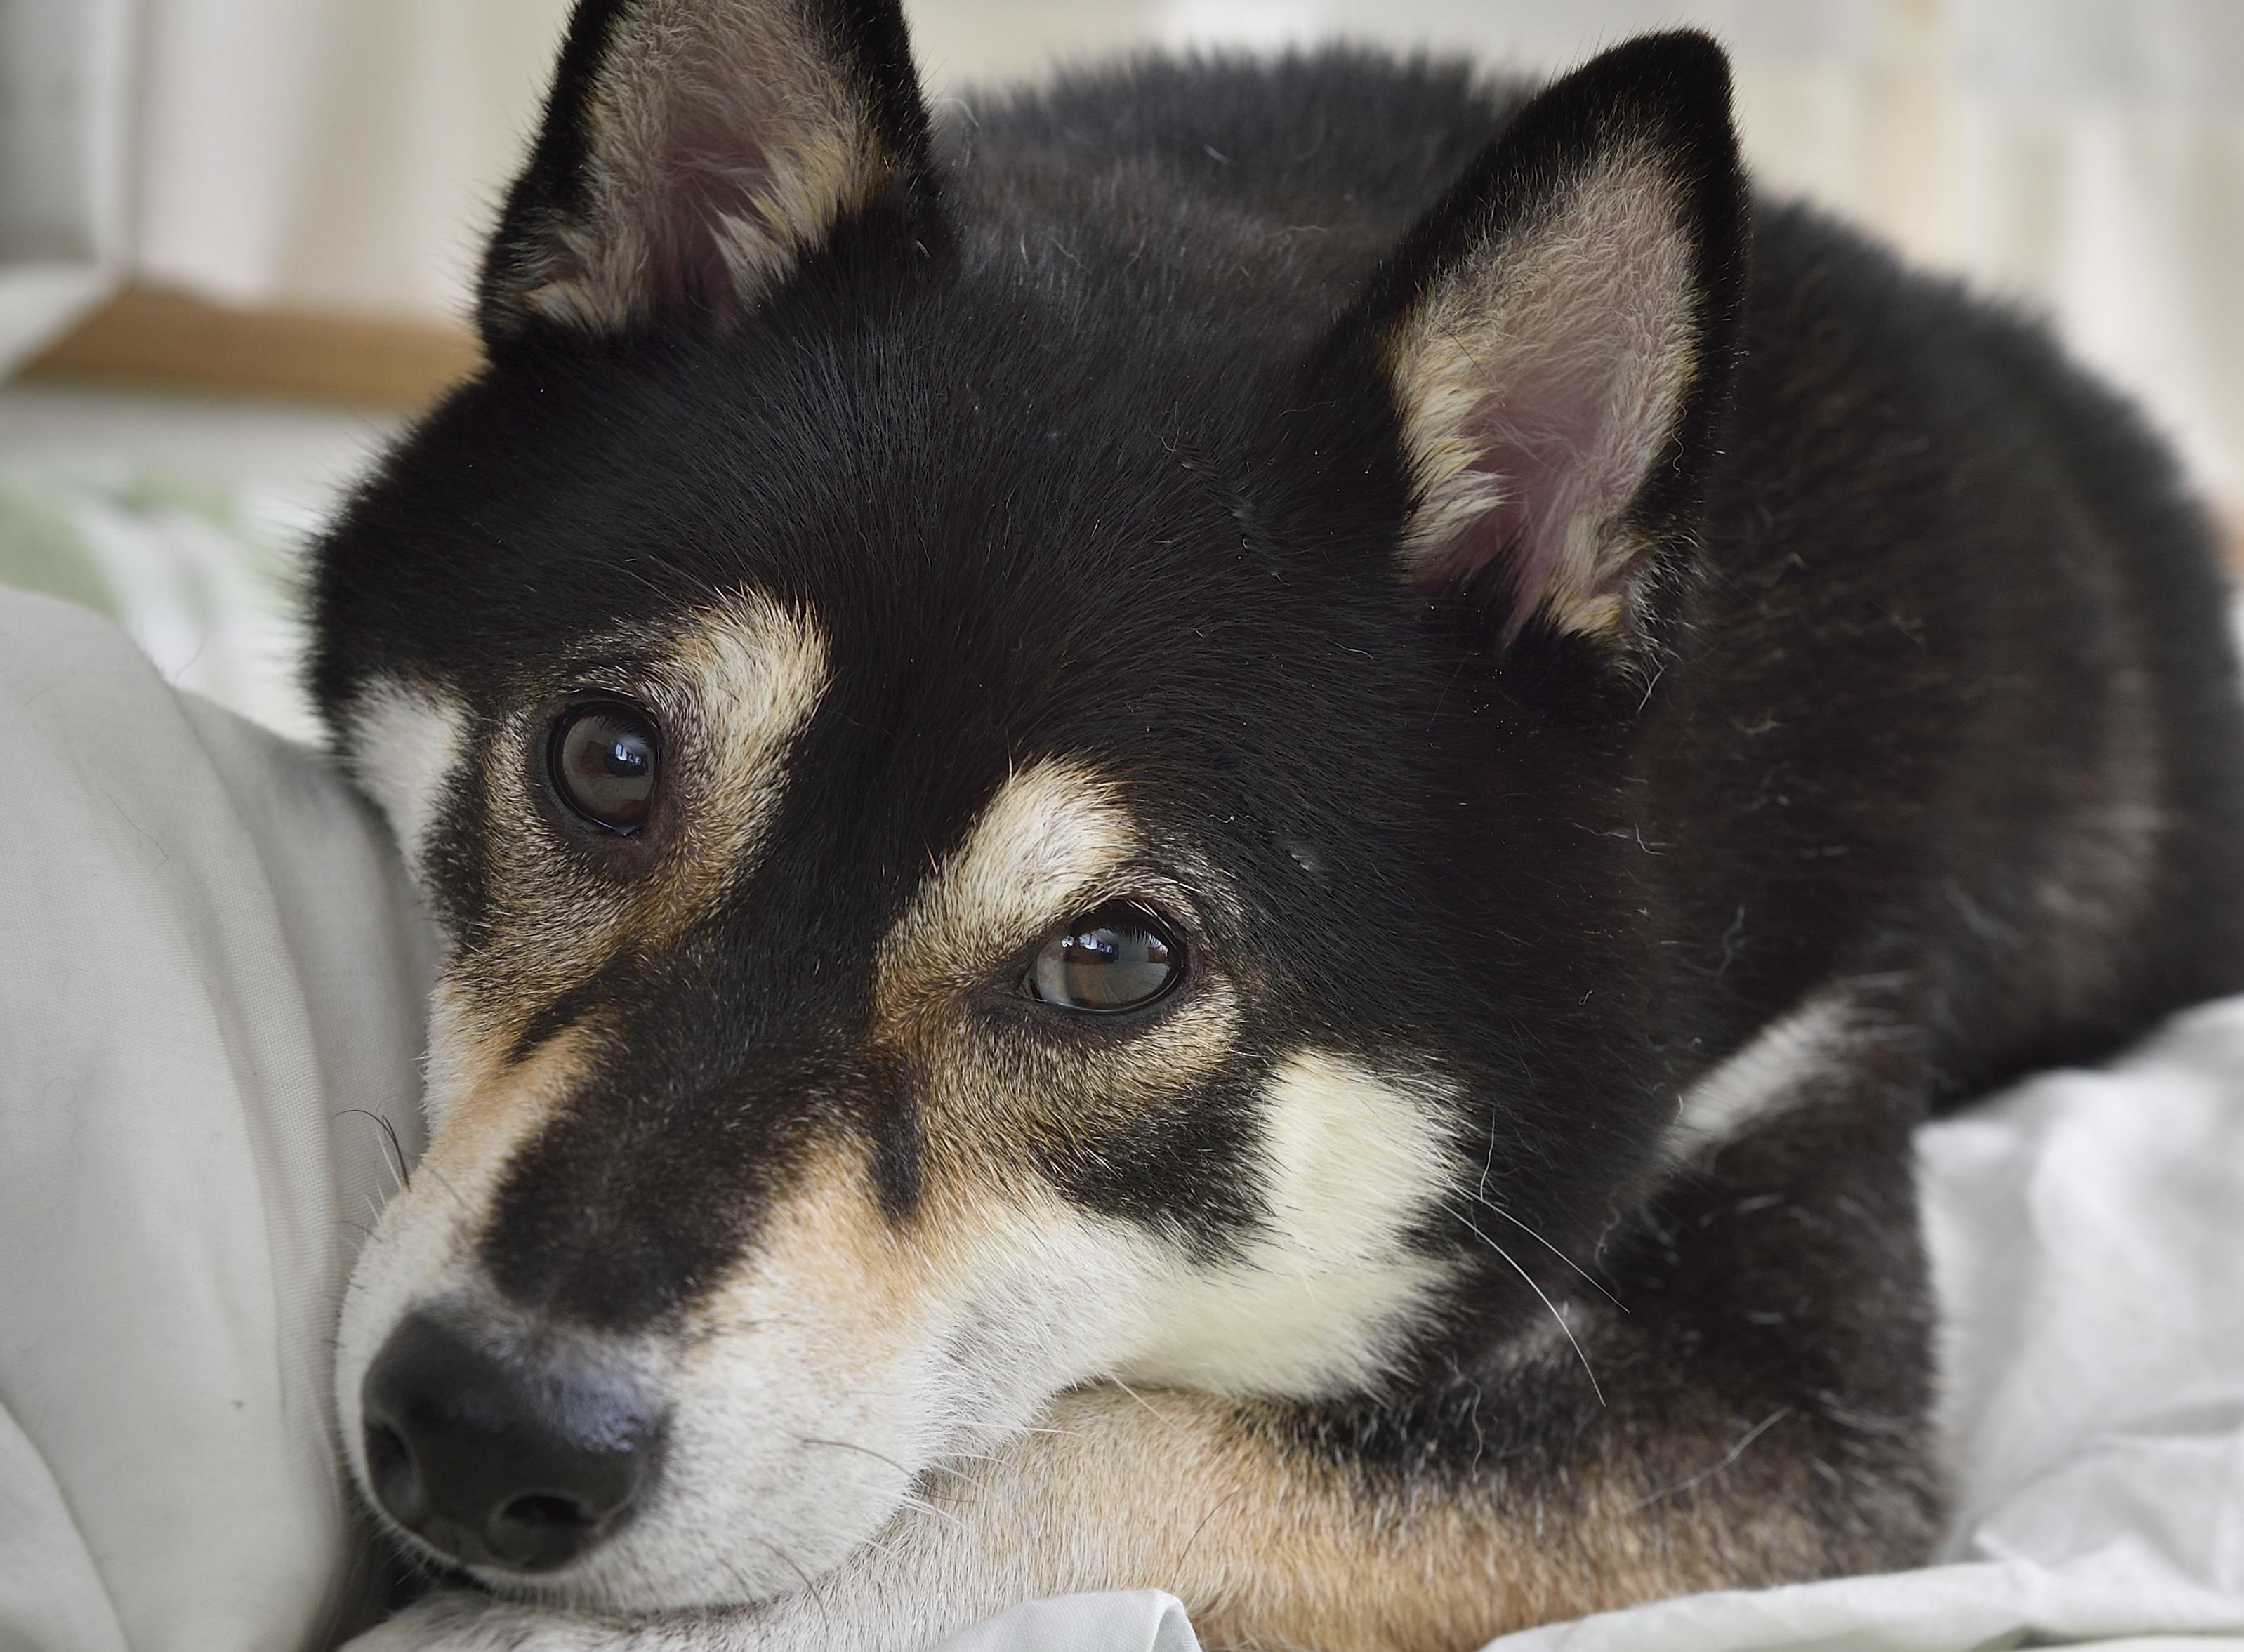 うちの犬が吐いた 危険な吐き方の見極め方 嘔吐から分かる病気